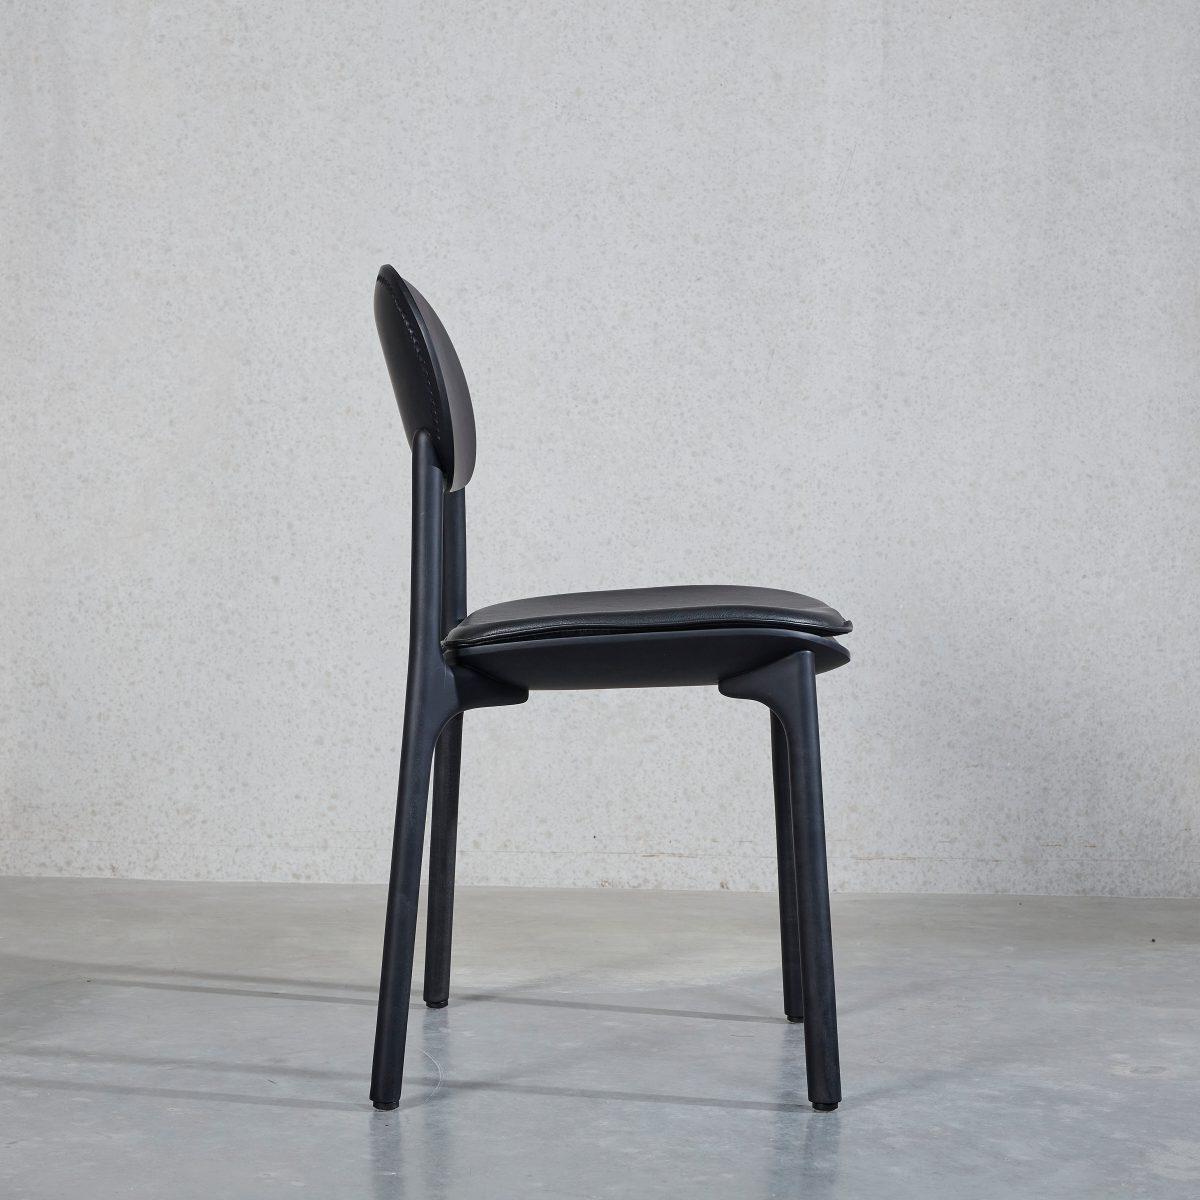 Unna Chair